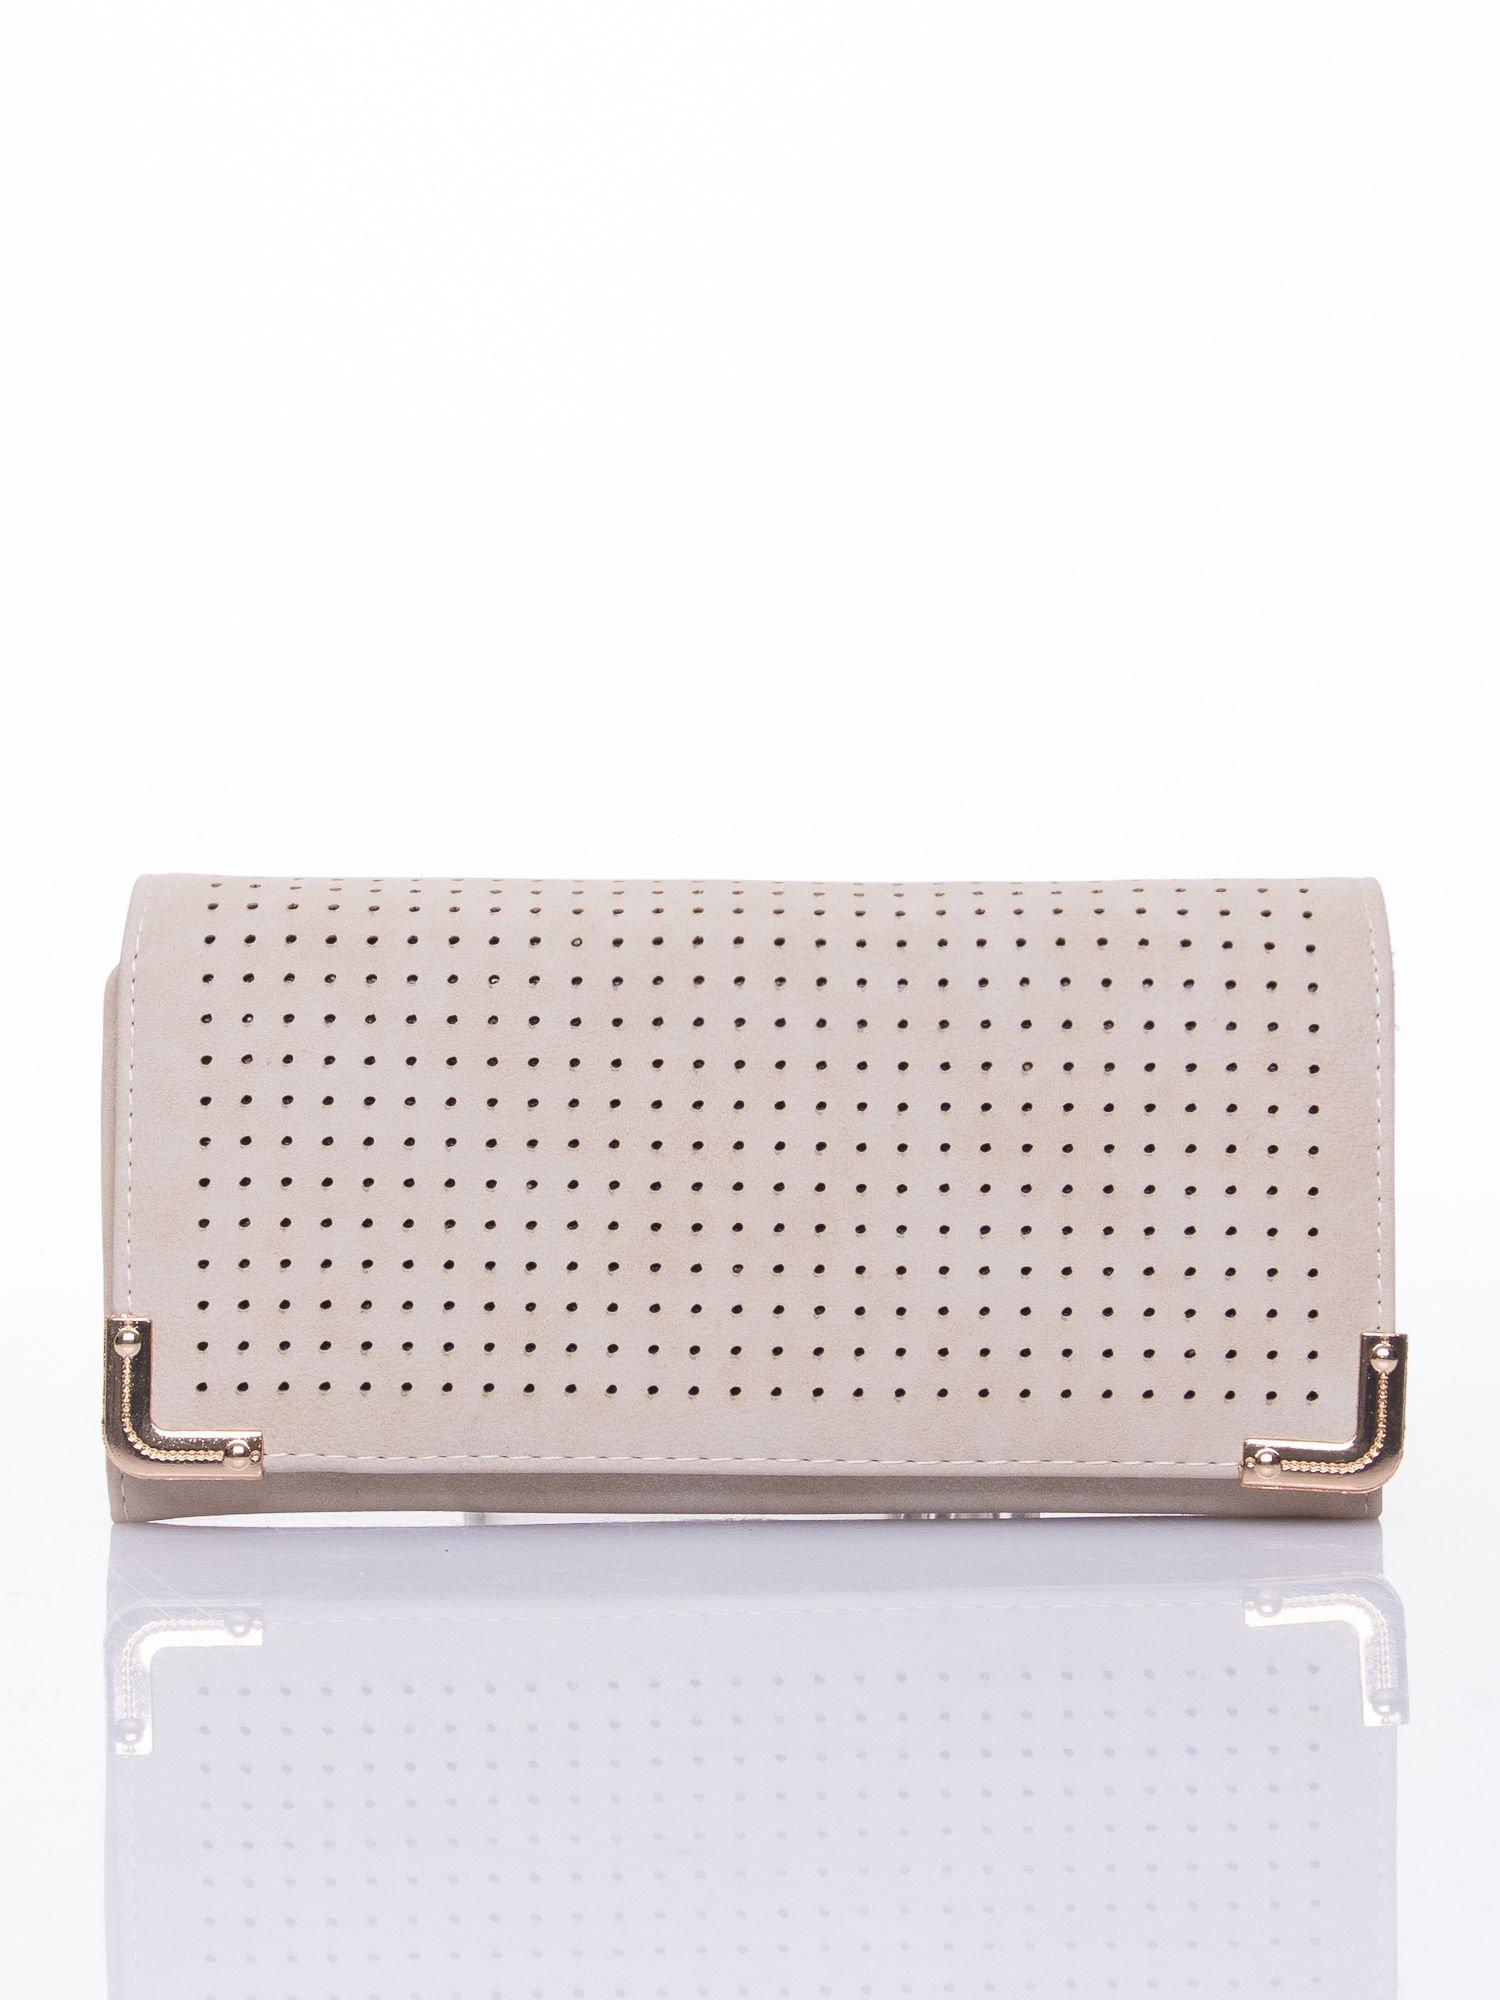 Kremowy dziurkowany portfel ze złotym wykończeniem                                  zdj.                                  1